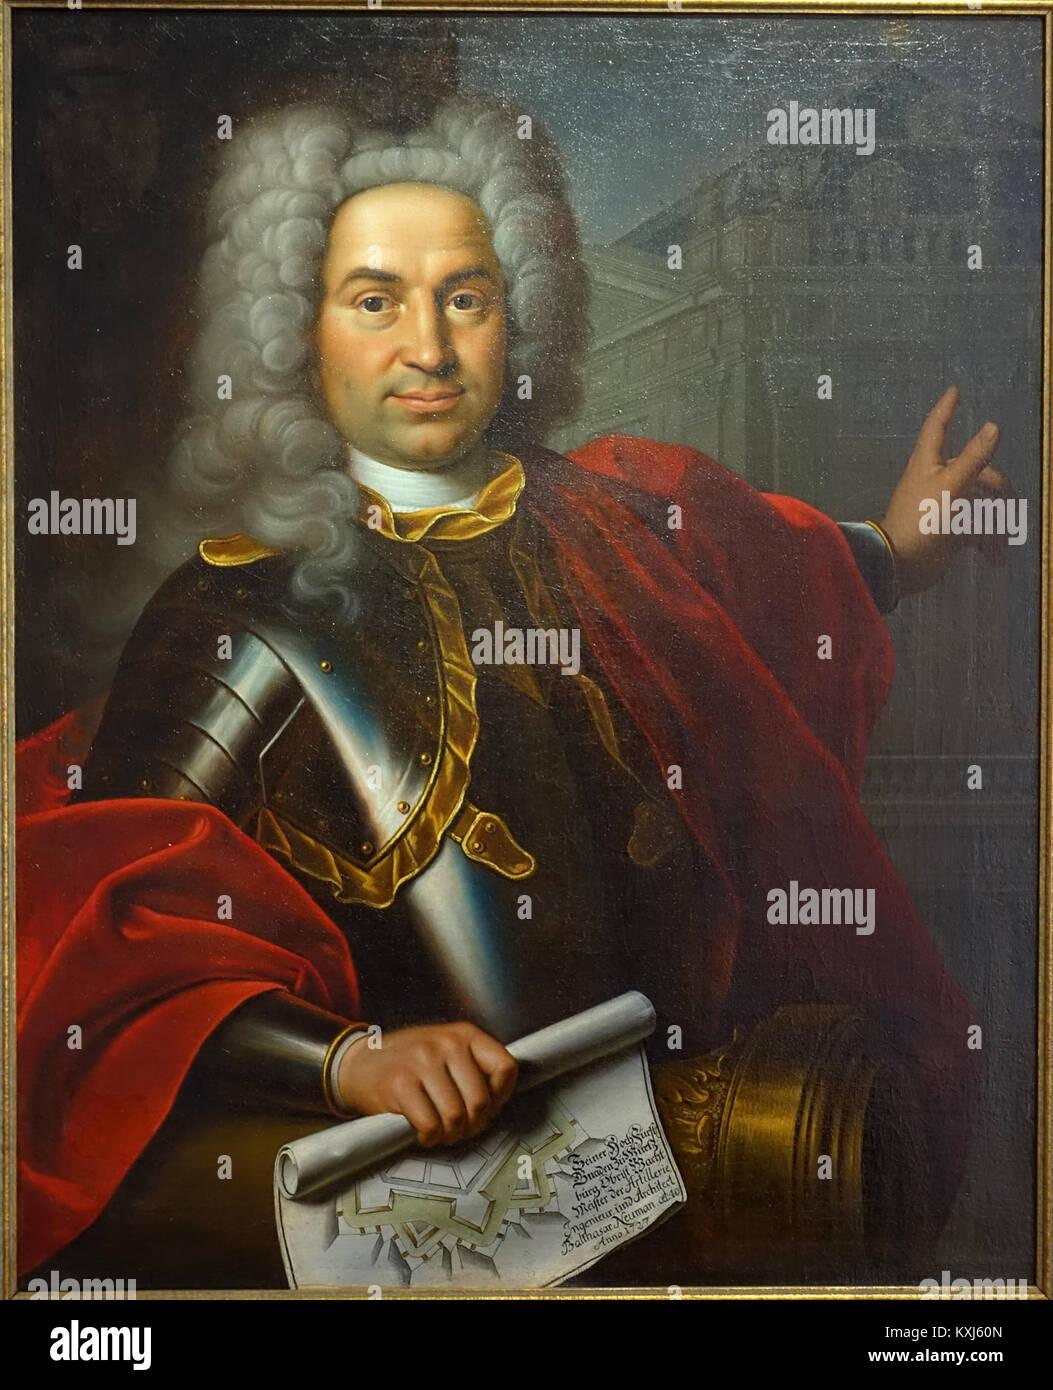 Balthasar Neumann by Marcus Friedrich Kleinert, 1727 - Mainfränkisches Museum - Würzburg, Germany - DSC04588 - Stock Image